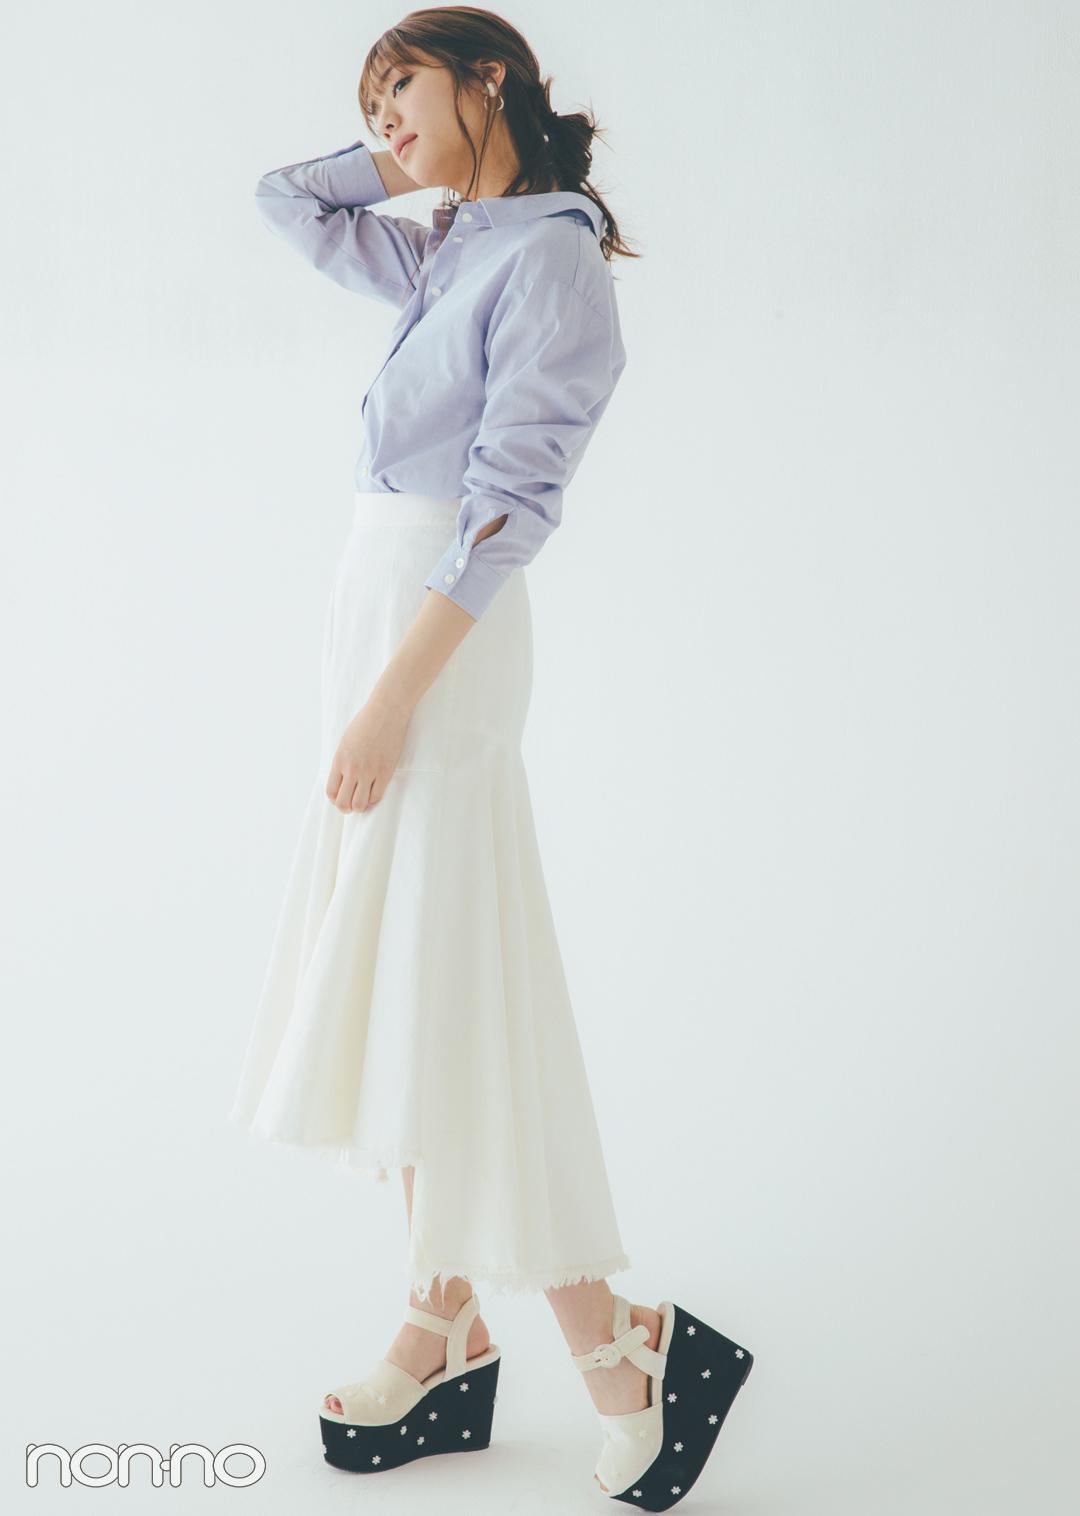 キレイ色のシャツにスカートで個性をプラス